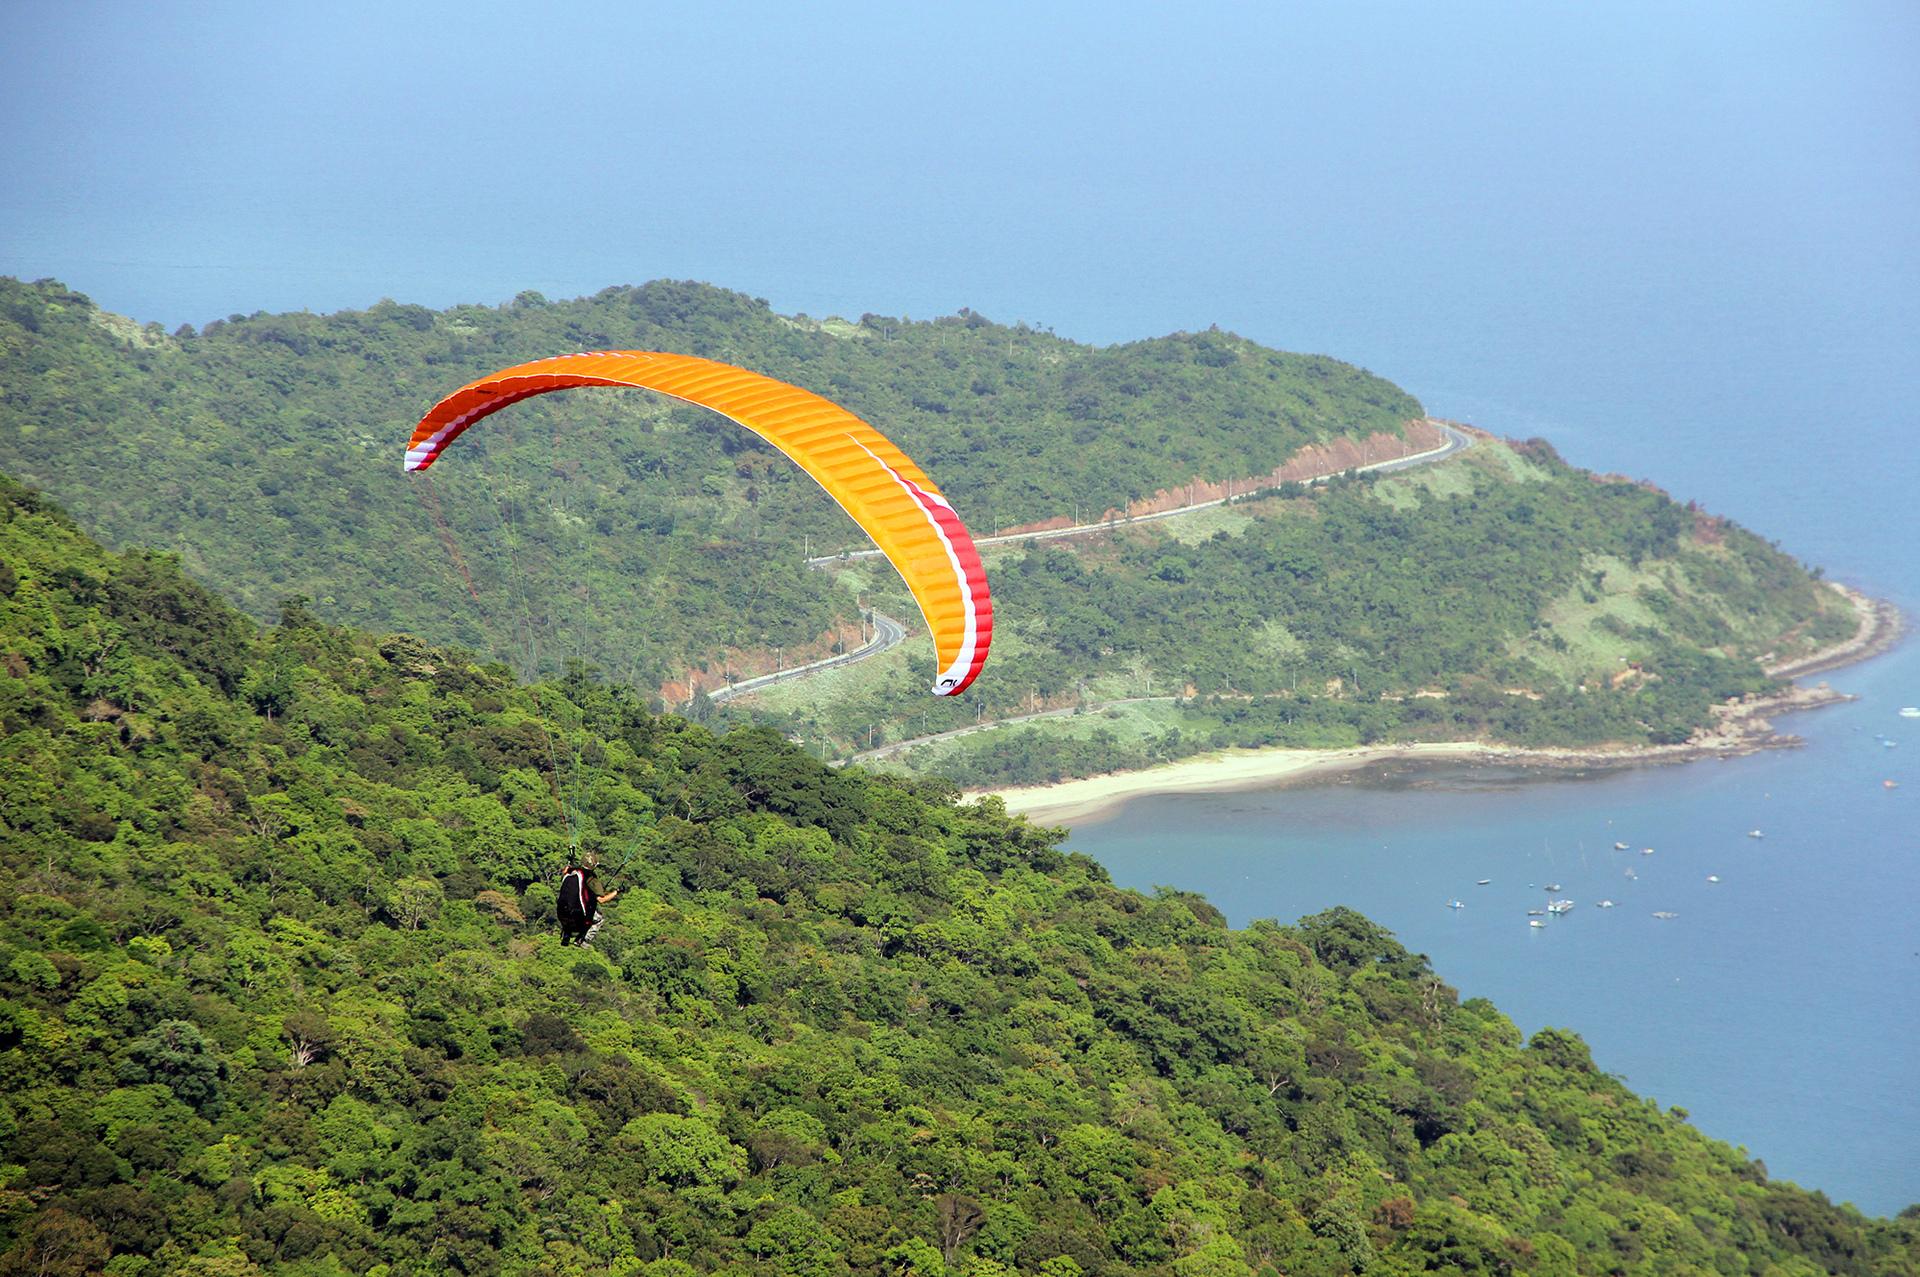 Bay dù lượn ngắm Sơn Trà là hoạt động du lịch thu hút nhiều du khách